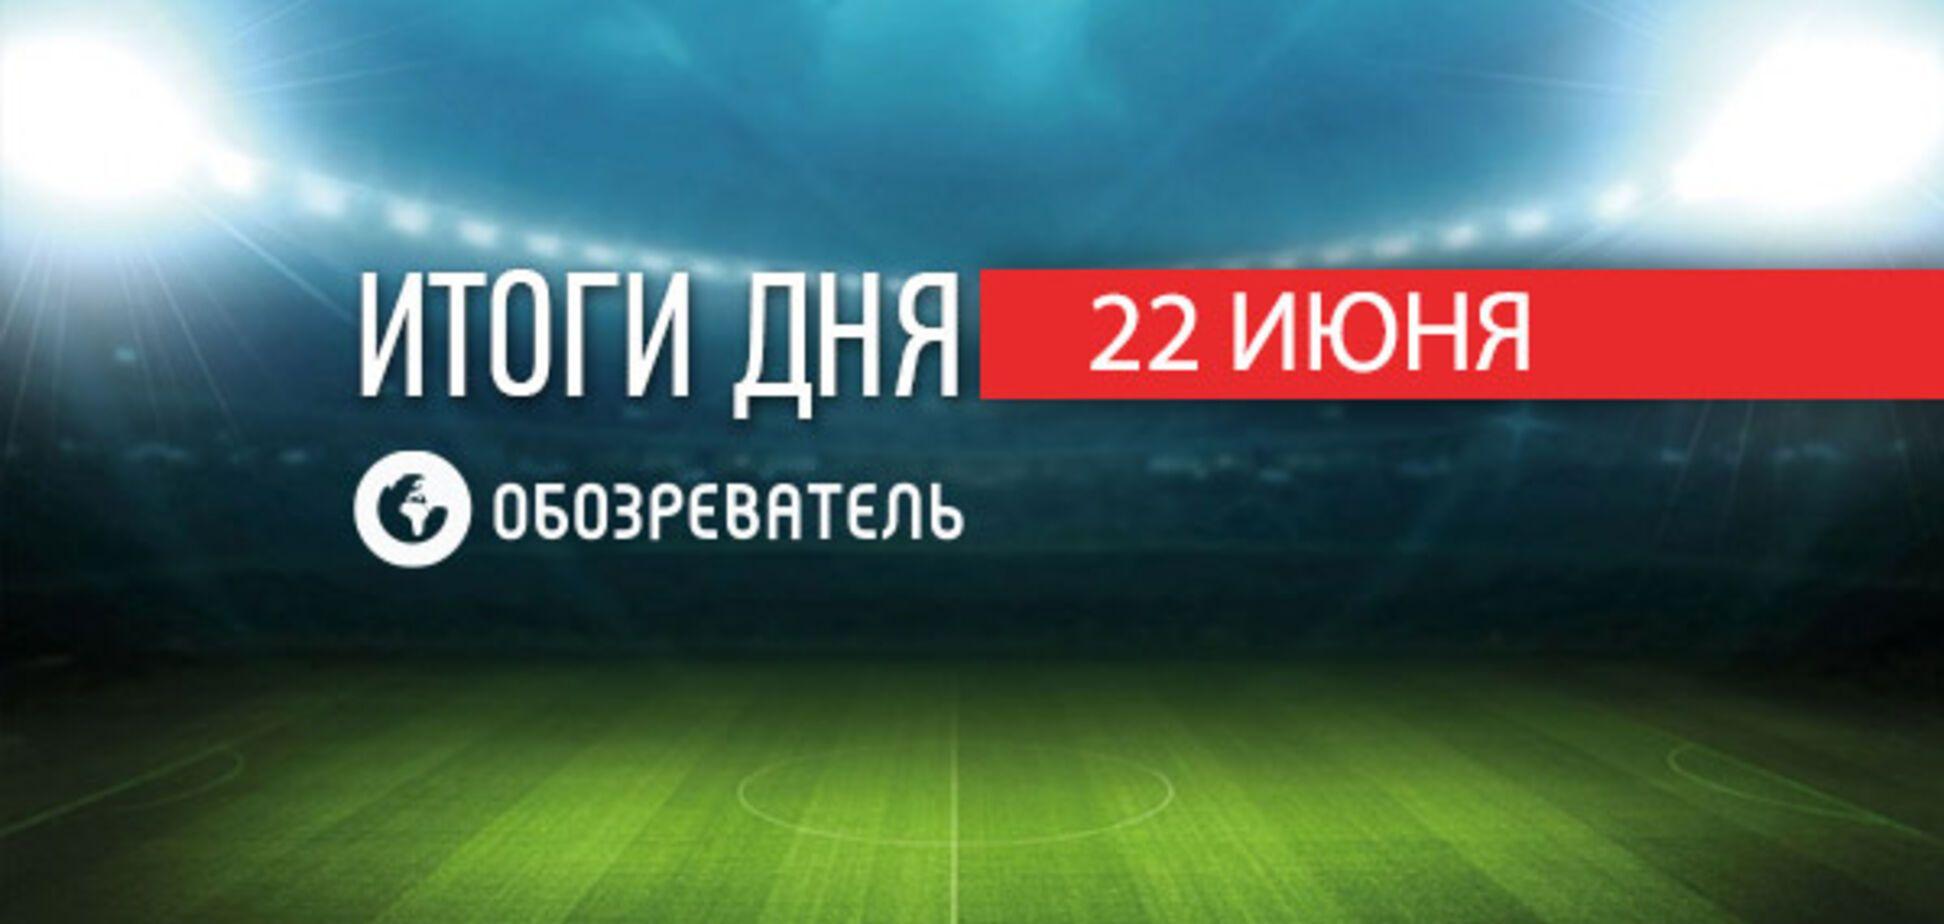 Украине устроили овации на Европейских играх: спортивные итоги 22 июня